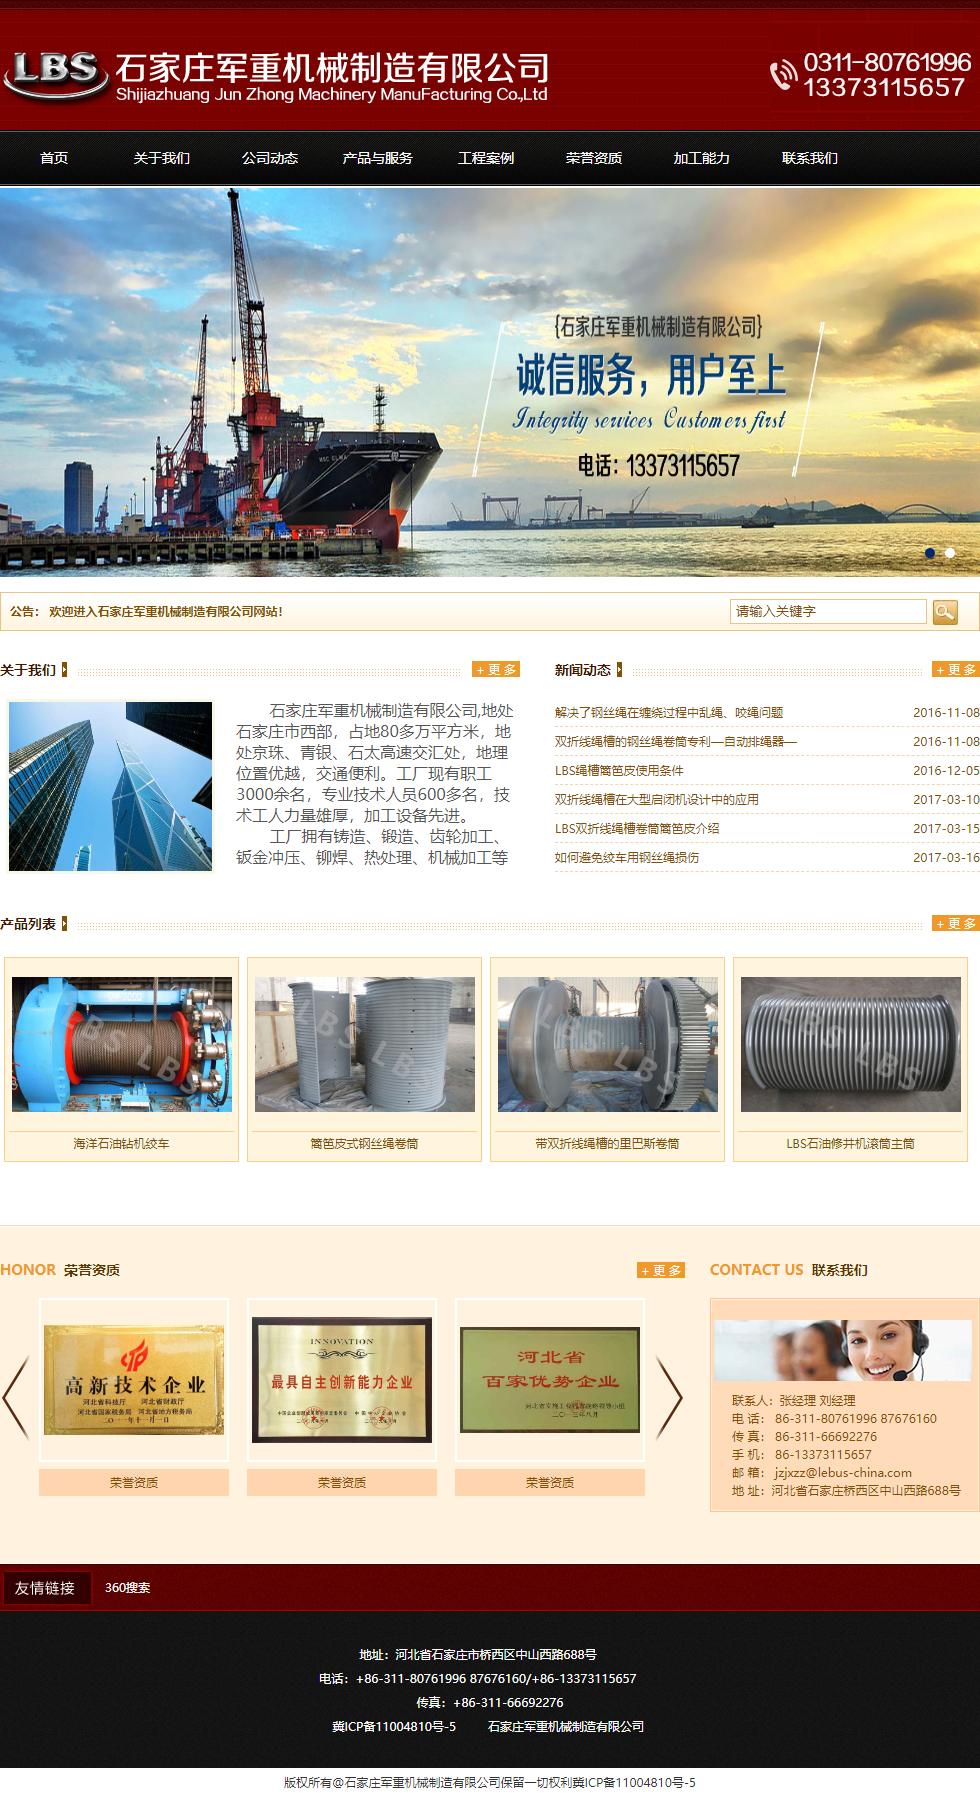 石家庄军重机械制造有限公司网站案例